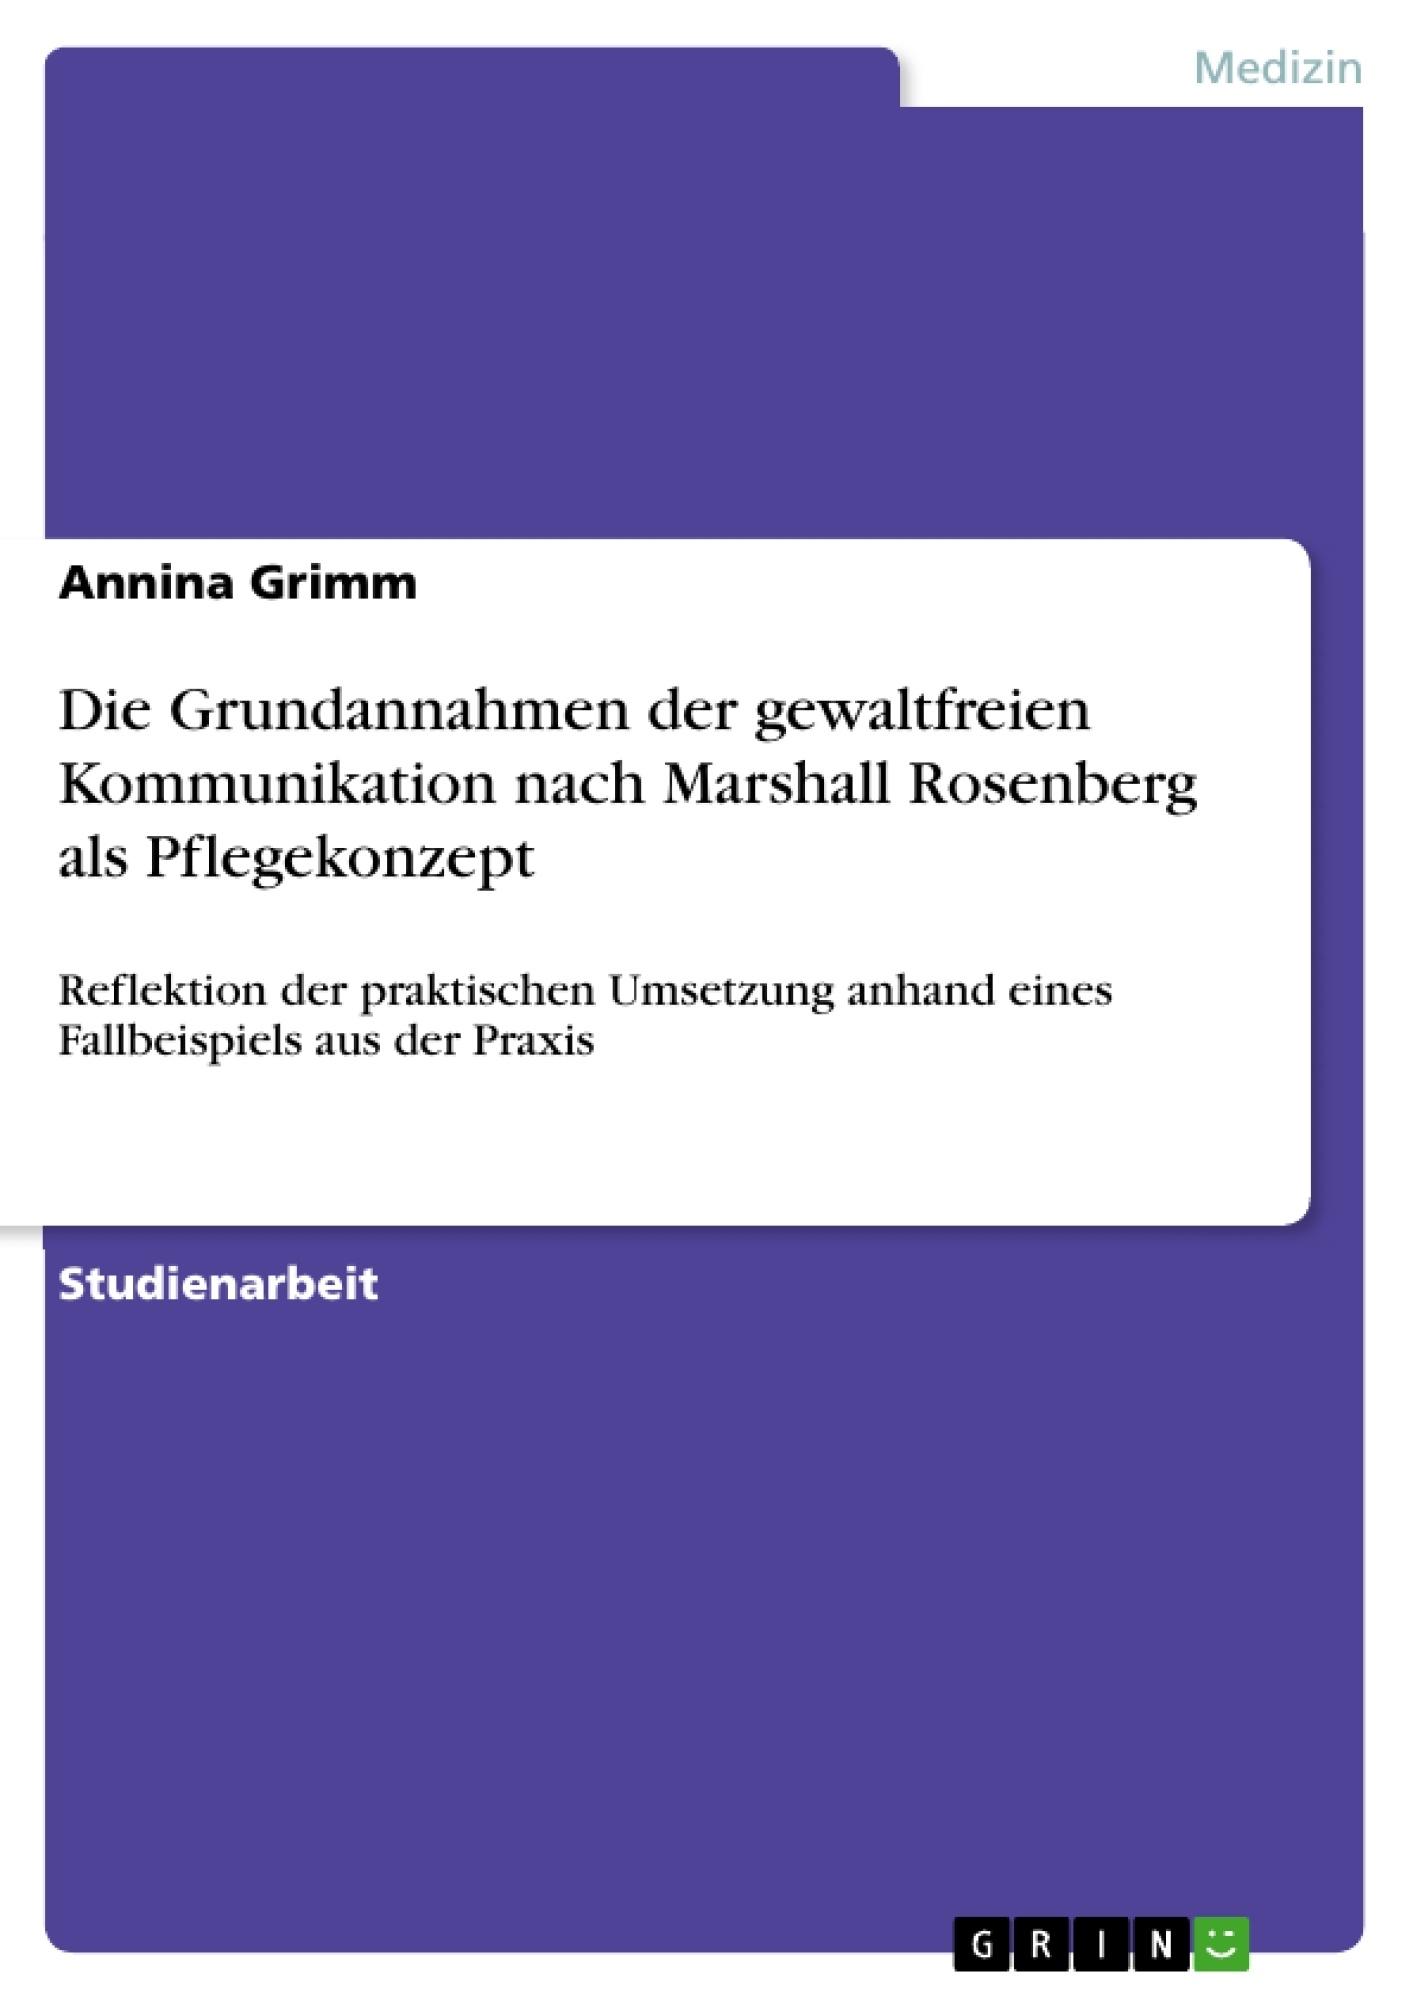 Titel: Die Grundannahmen der gewaltfreien Kommunikation nach Marshall Rosenberg als Pflegekonzept